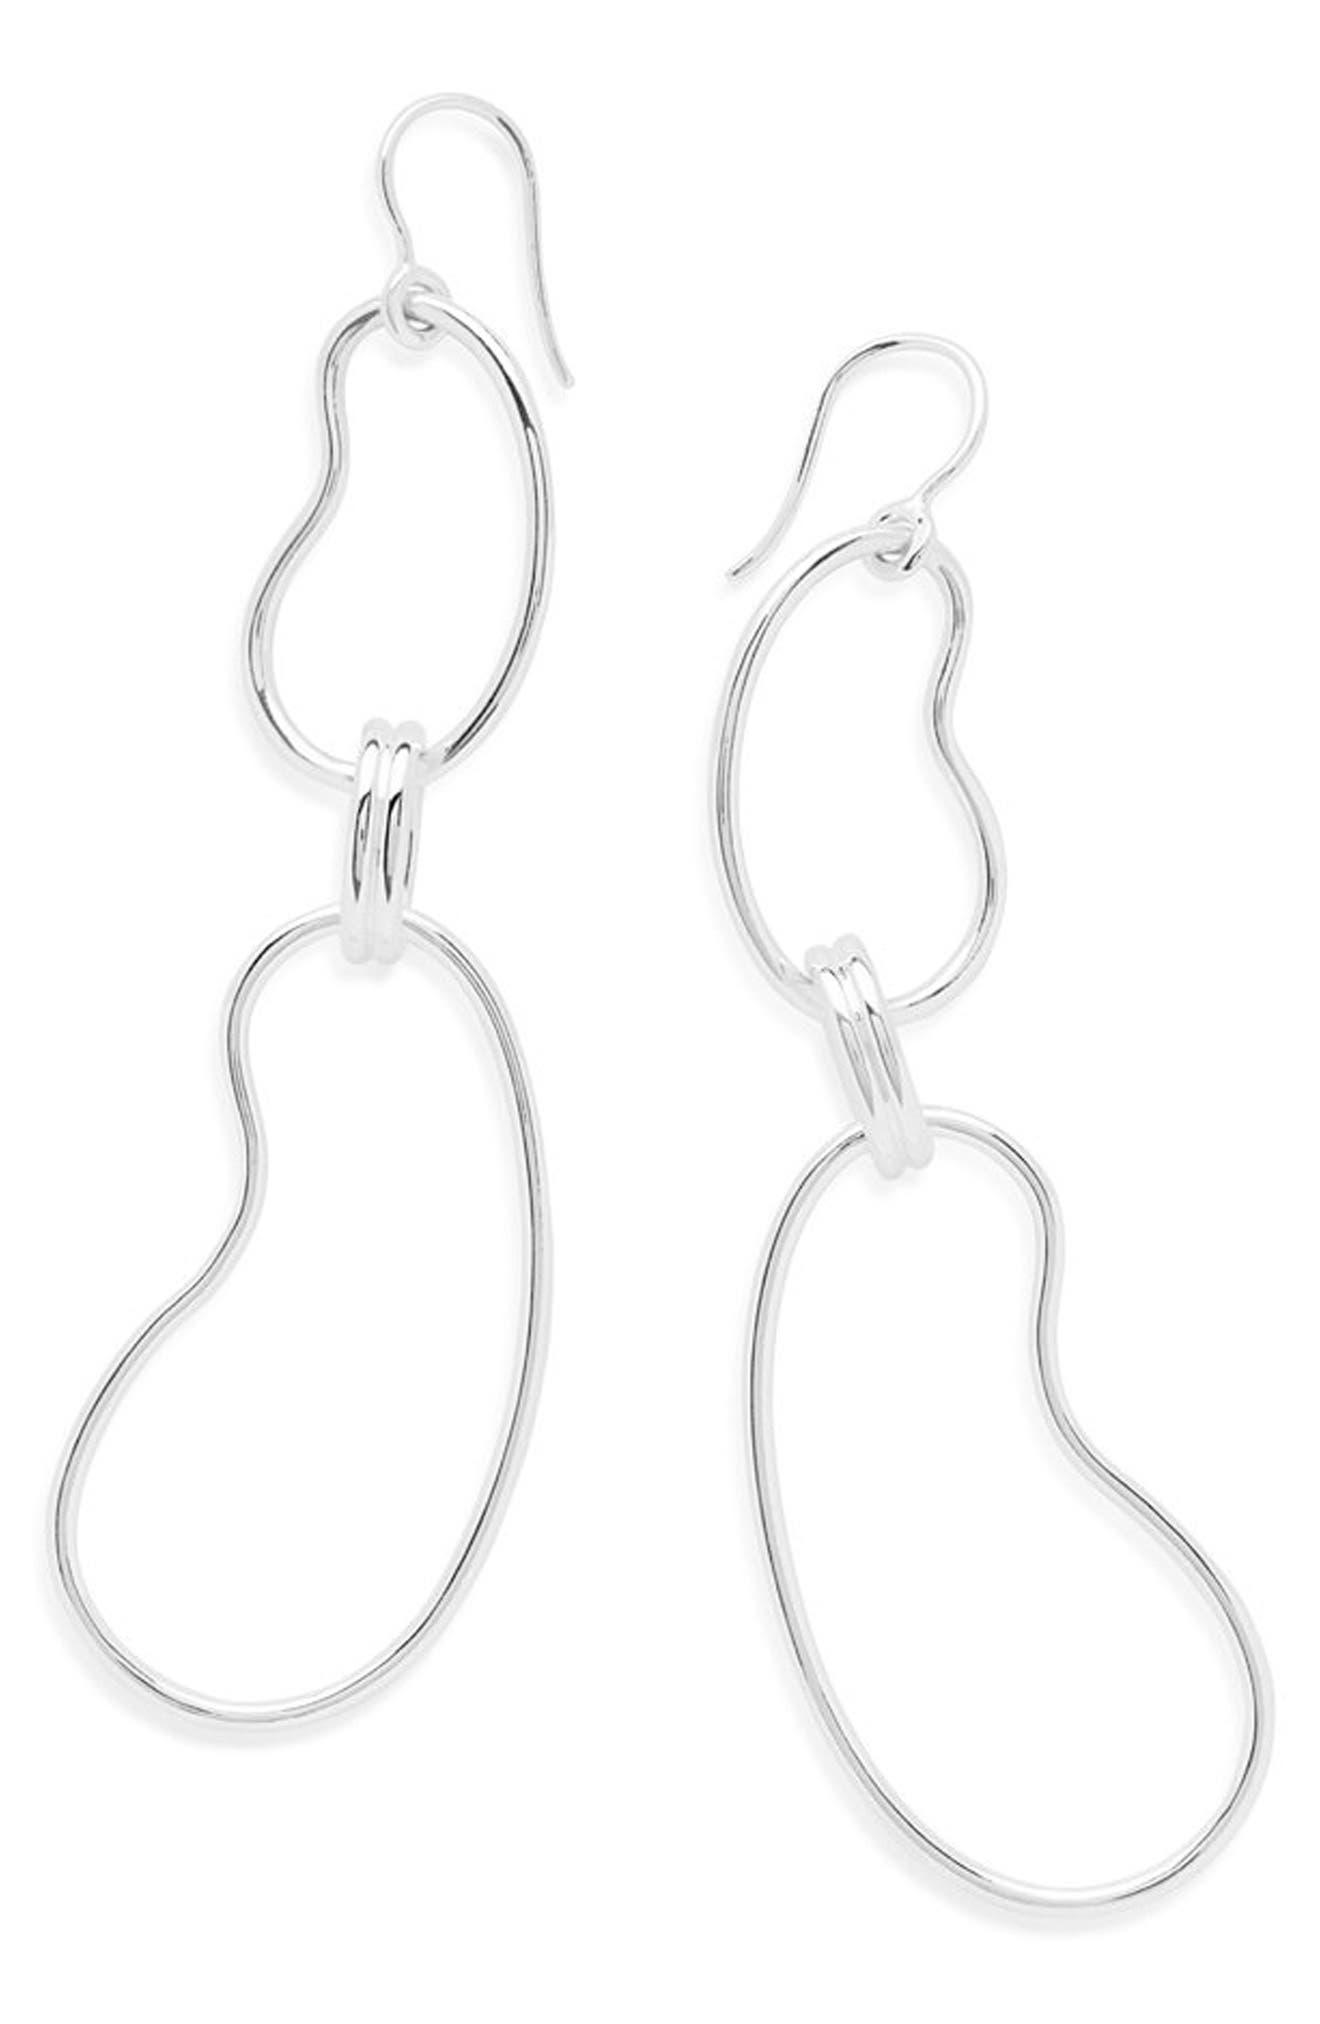 IPPOLITA Classico Kidney Oval Link Earrings